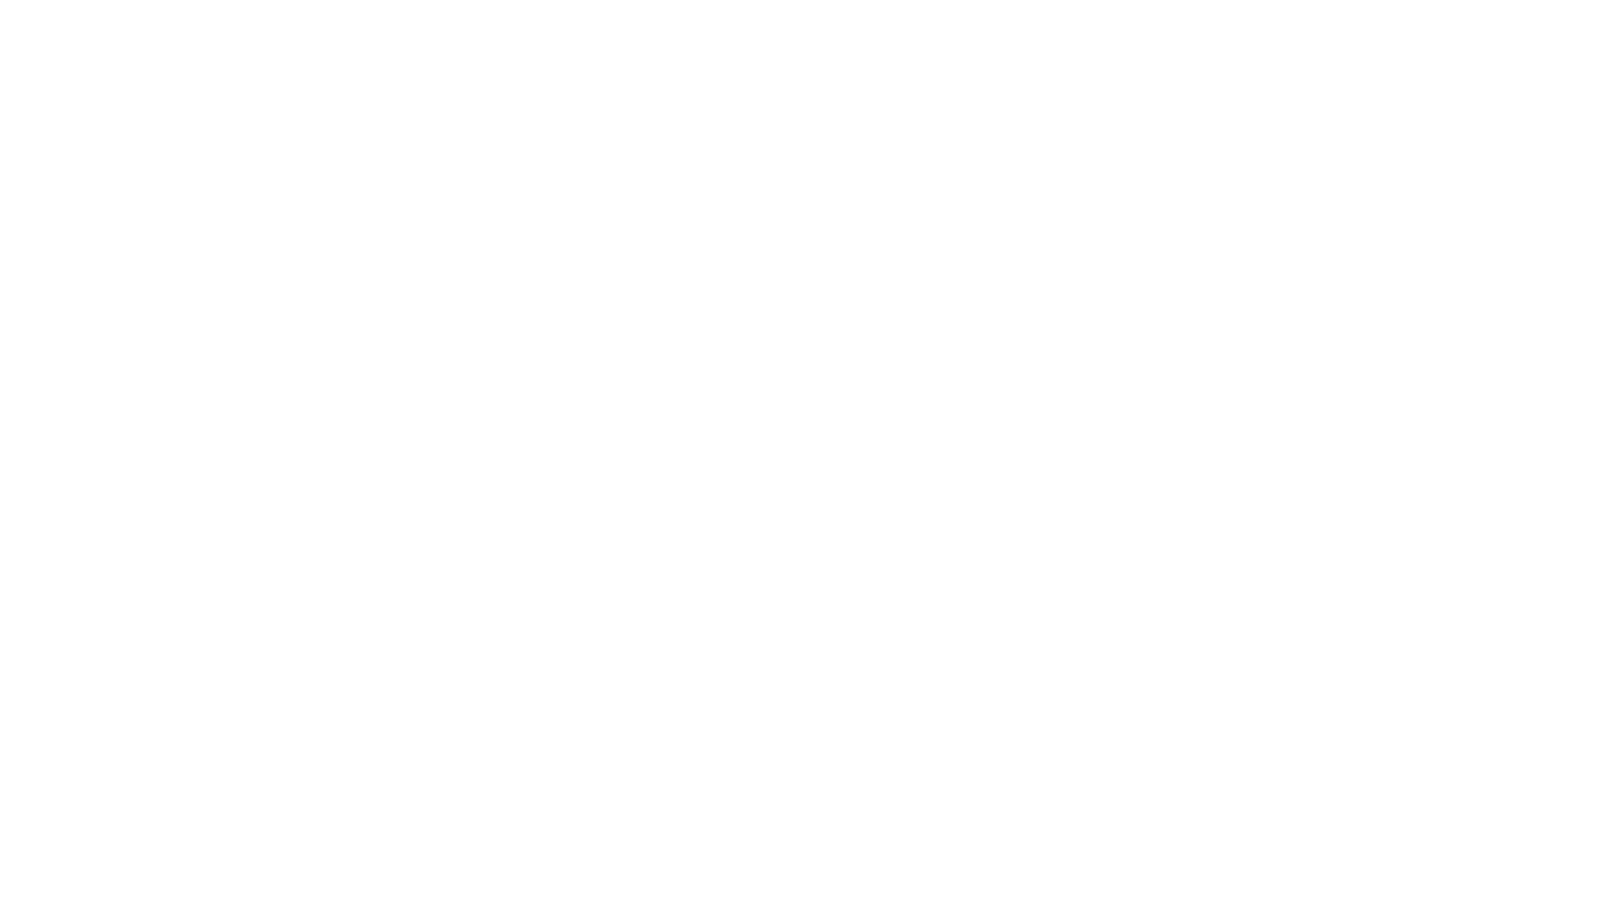 Bolo de Banana Caramelizada🍌🍌  📋Vamos a receita:  📍6 bananas nanicas cortadas em rodelas 📍3 ovos 📍1/2 xícara de leite 📍1 xícara  de açúcar 📍1 colher de sopa de fermento químico 📍2 xícaras de farinha de trigo 📍2 colheres (sopa) de manteiga 📍1 e 1/2 xícara de açúcar para a calda 📍1 colher (chá) de essencia de baunilha (opcional)  🌟 Leve ao fogo numa forma redonda com buraco no meio o açúcar para caramelizar. Espalhe no fundo e em volta da forma. Coloque as rodelas de banana no fundo e lateral da forma. Bata todos os ingredientes da massa no liquidificador.Despeje sobre as bananas. Asse em forno médio por cerca de 40 minutos. Desenforme ainda morno.Visite nosso site www.cozinhei.com.br 😆😆😆 #cozinhei #bolodebanana #amocozinhar #naizediniz #naize #receita #receitafacil #bolo